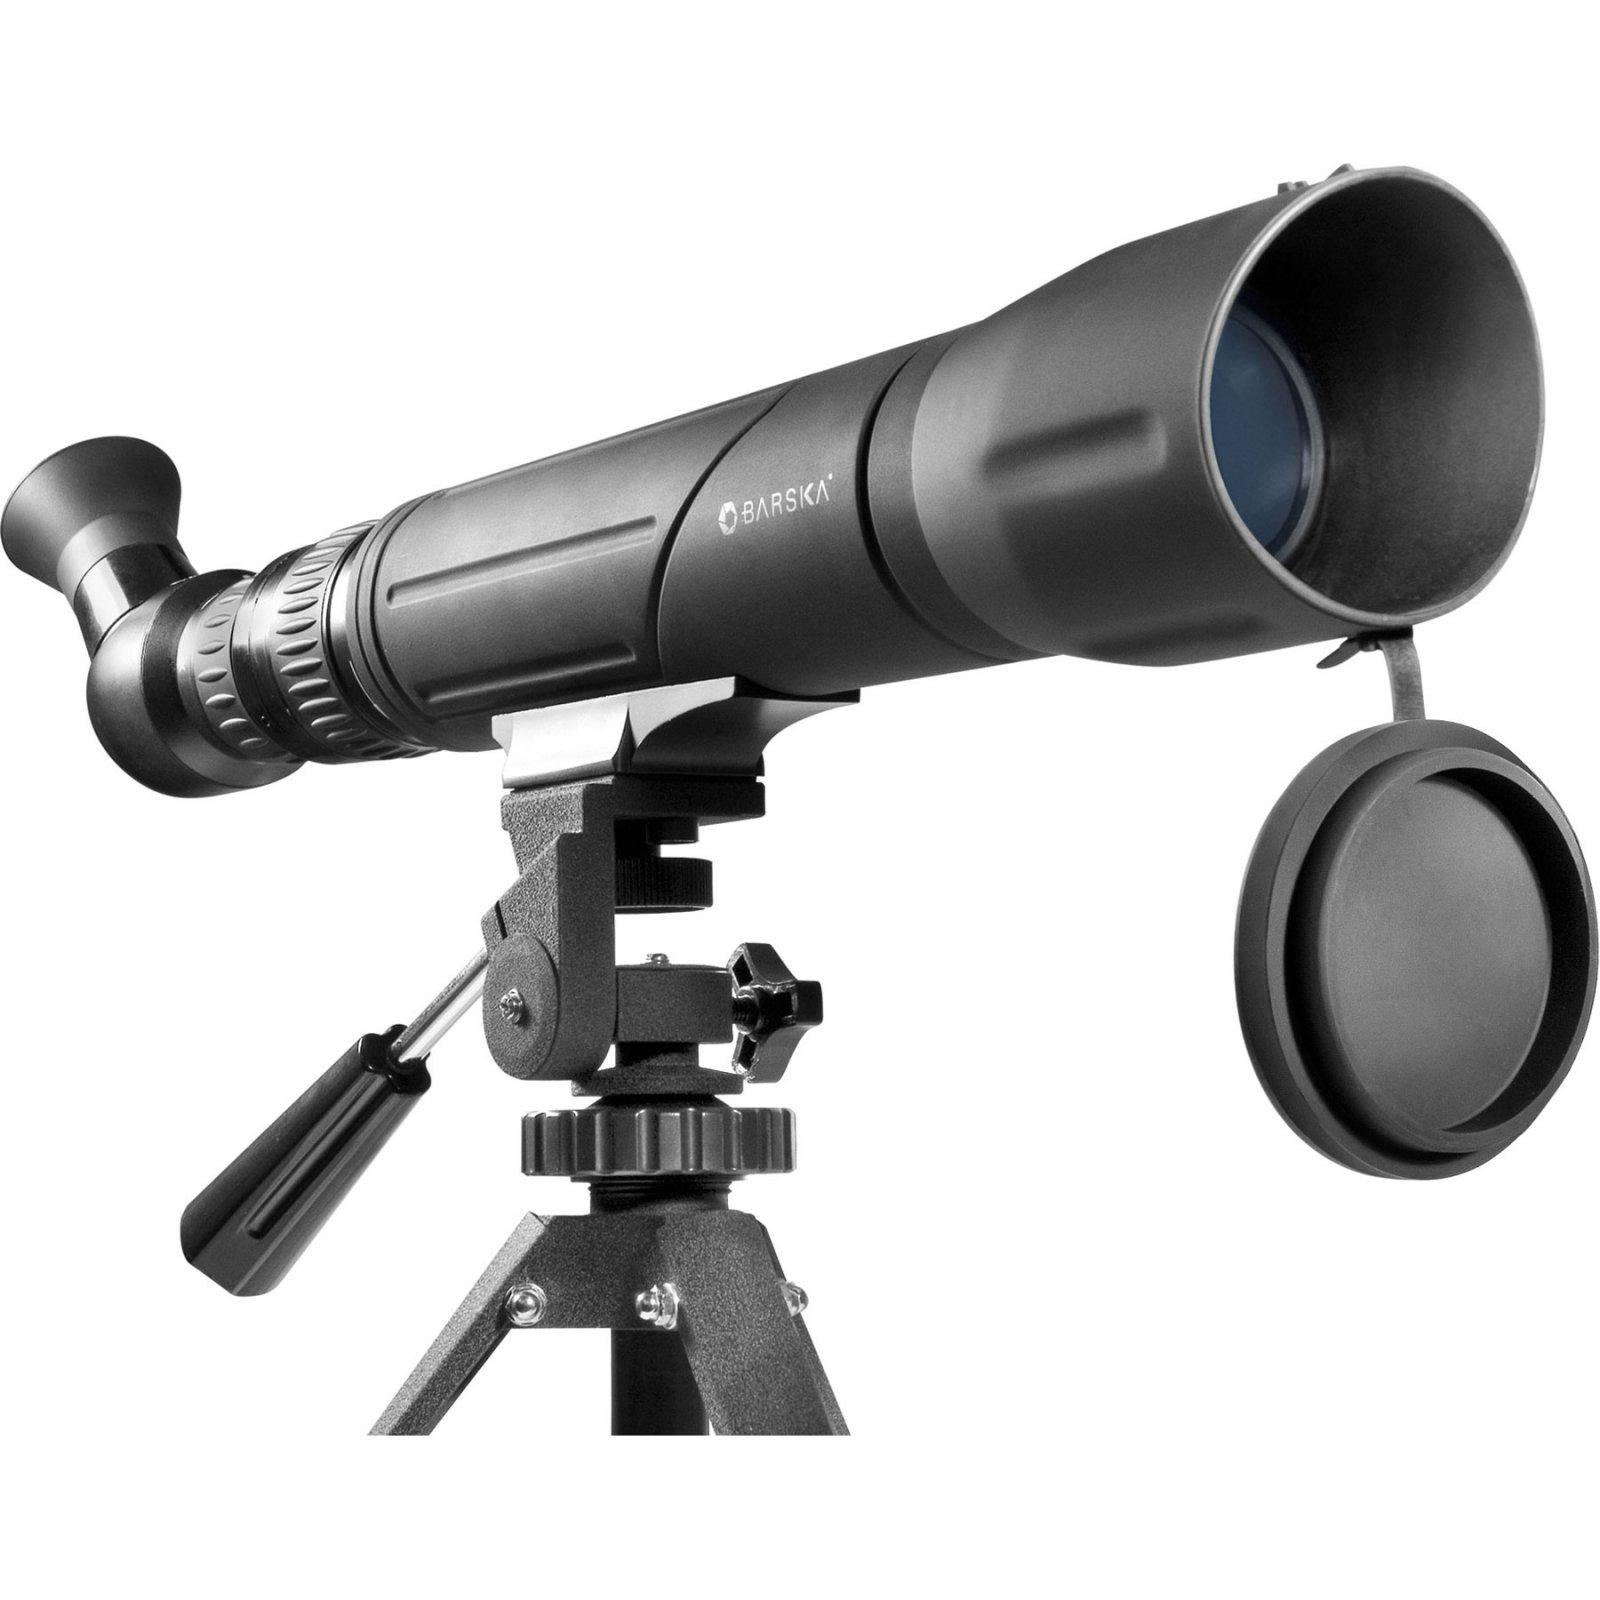 Barska 20-60x60 Spotter SV Spotting Scope with Tripod and Case